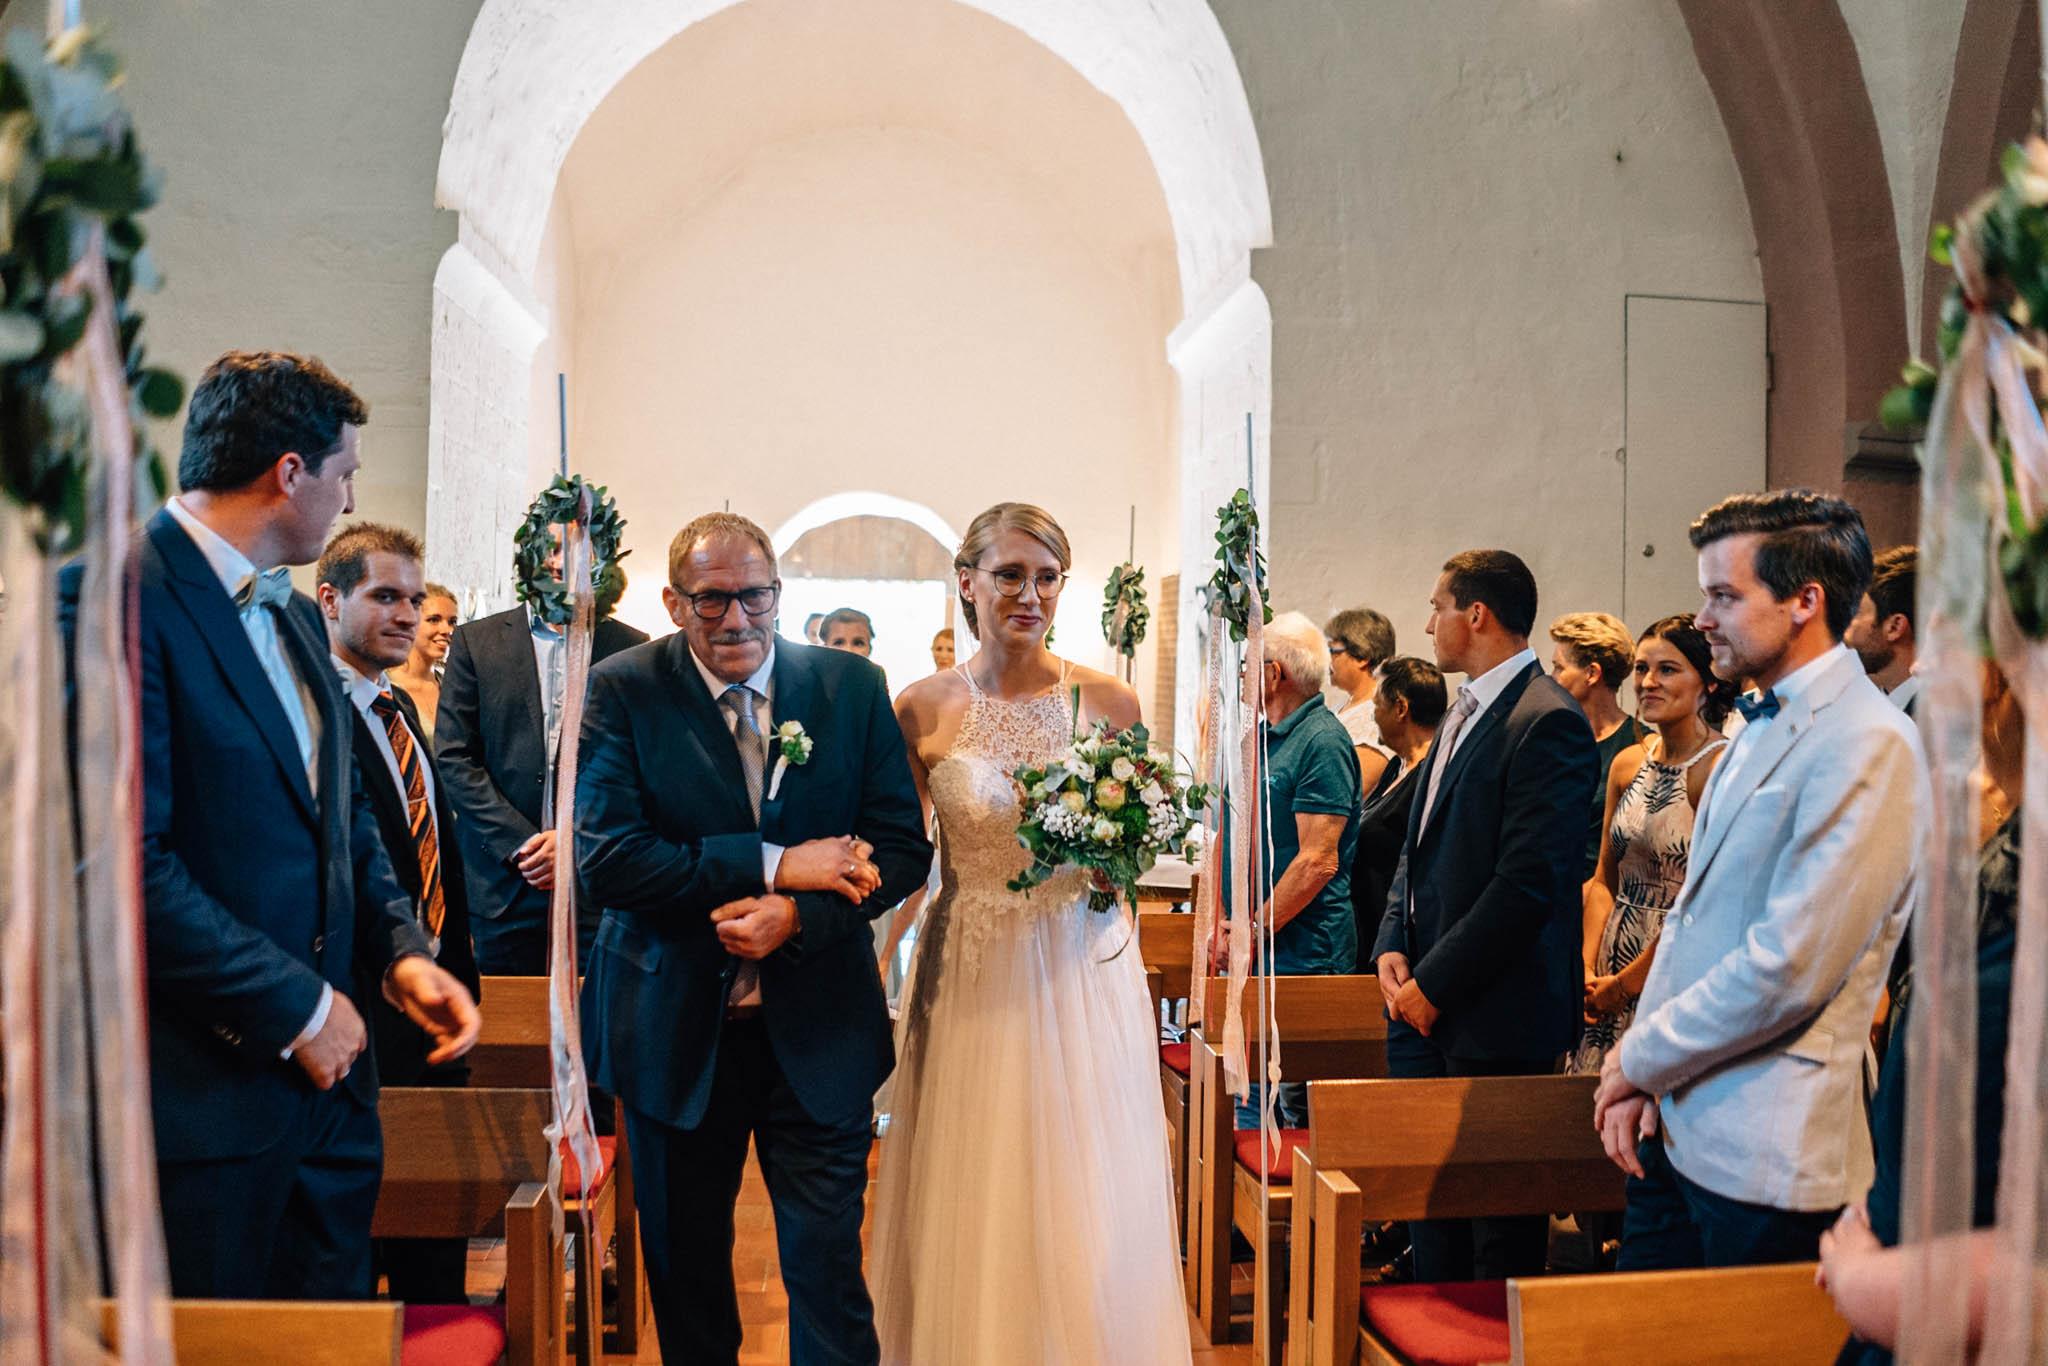 Hochzeitsfotograf Lippe, Hochzeitsfotograf Paderborn, Hochzeitsreportagen in Lippe